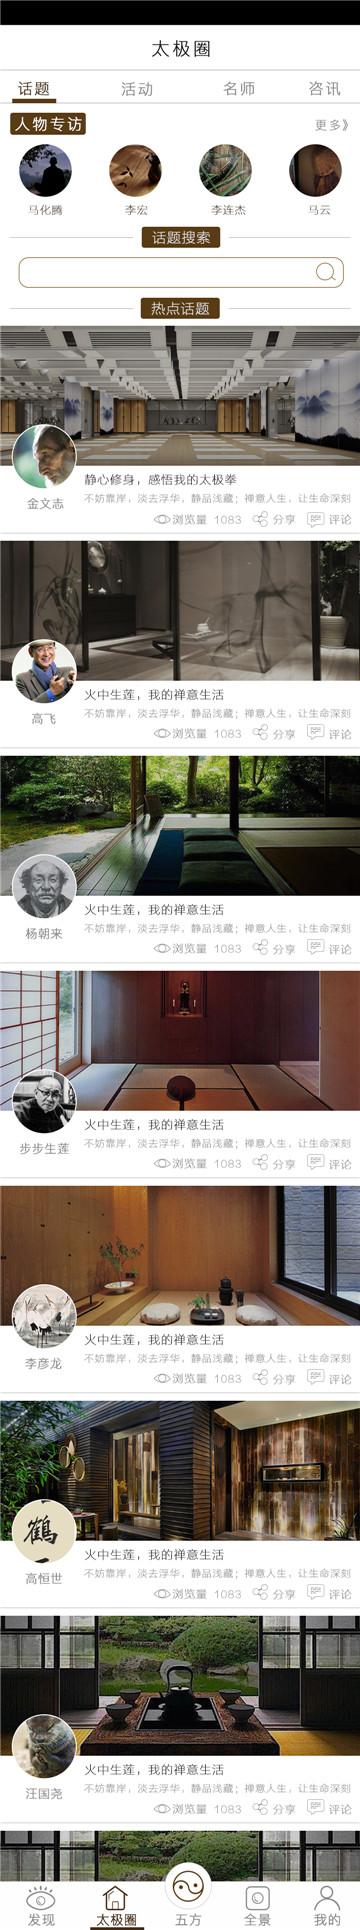 手机app开发论坛UI设计.jpg